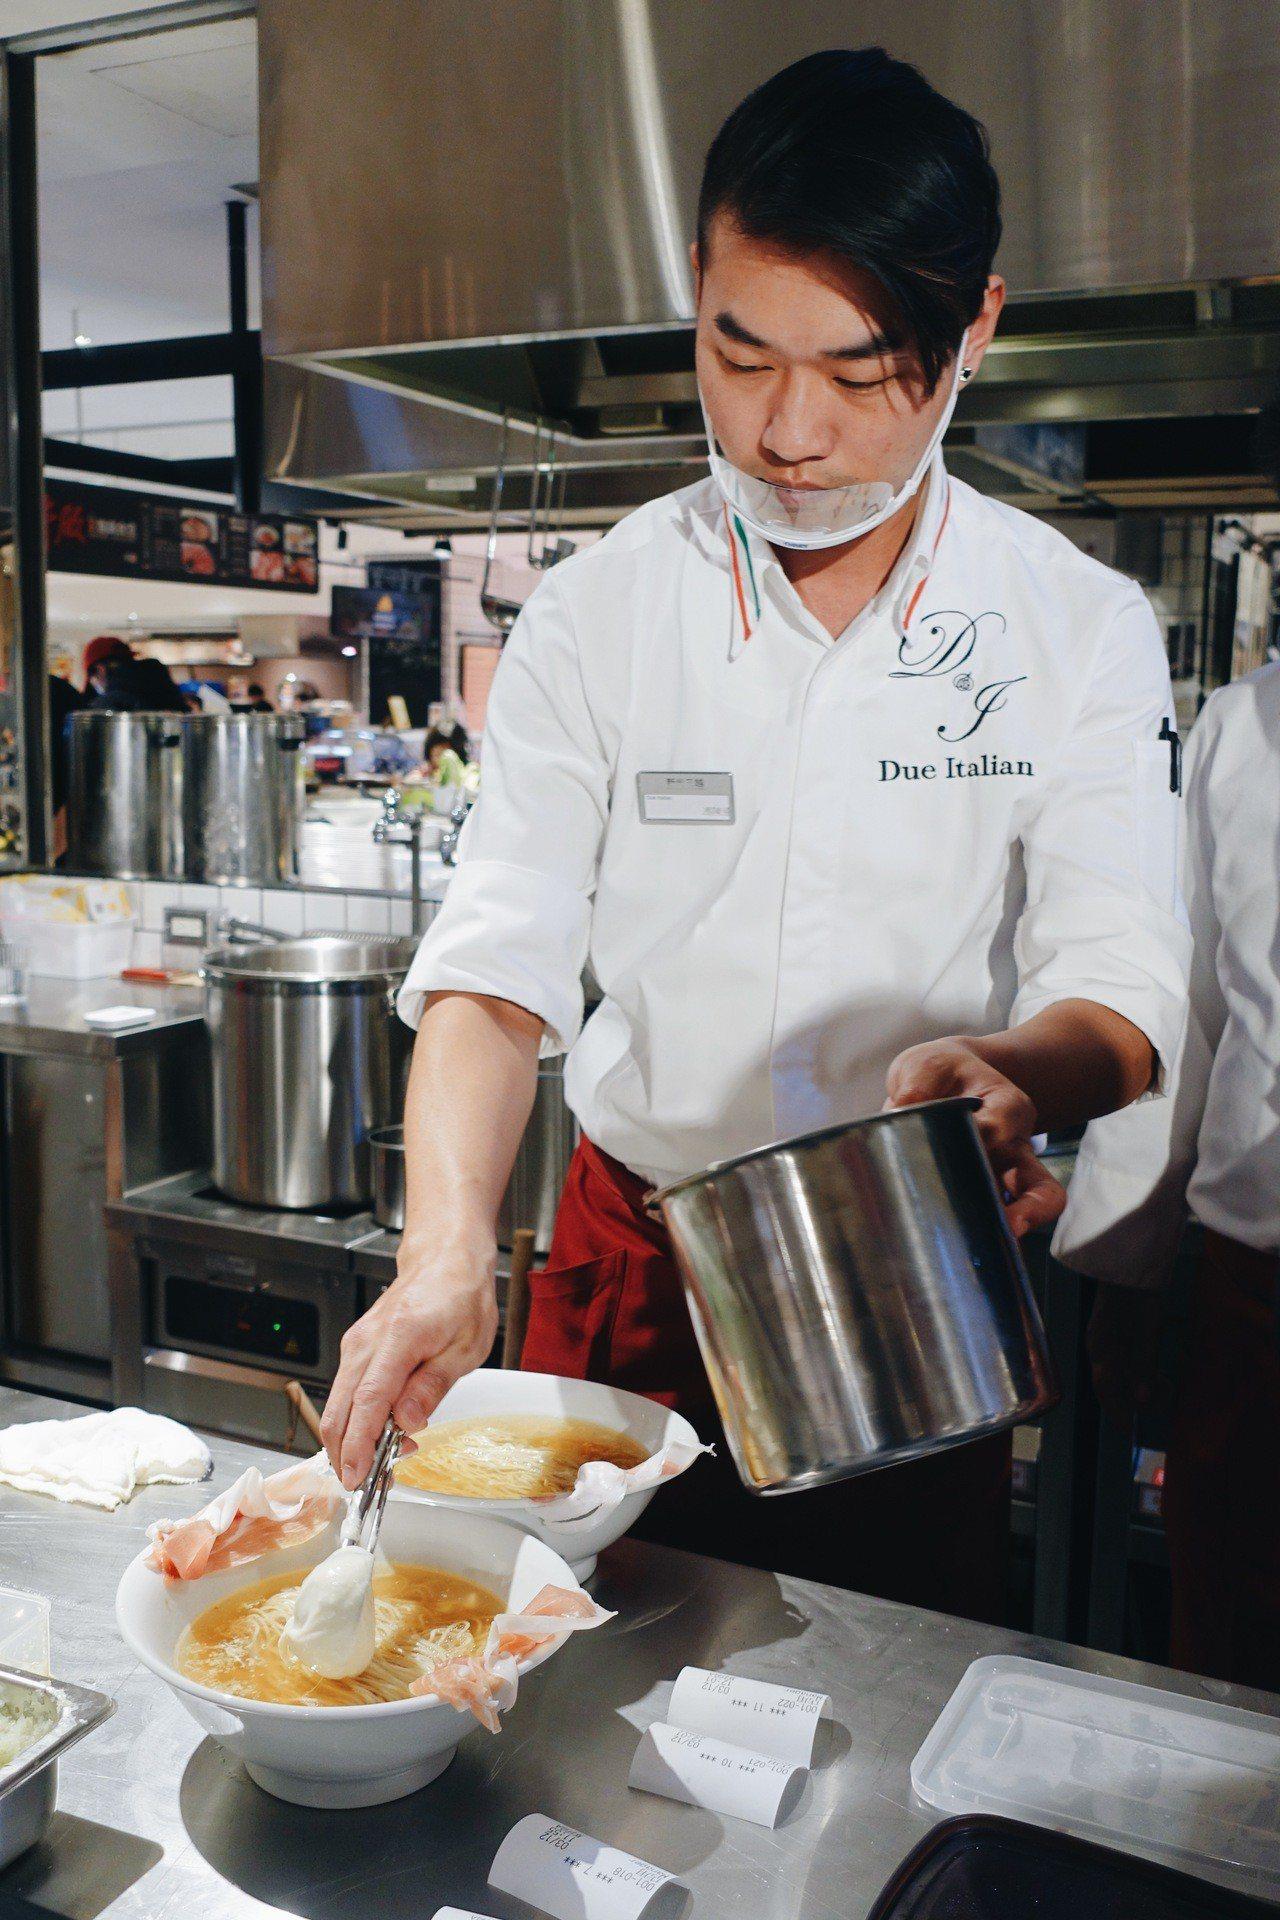 製作生火腿起司拉麵,擺上兩瓢濃稠馬茲瑞拉起司。記者沈佩臻/攝影